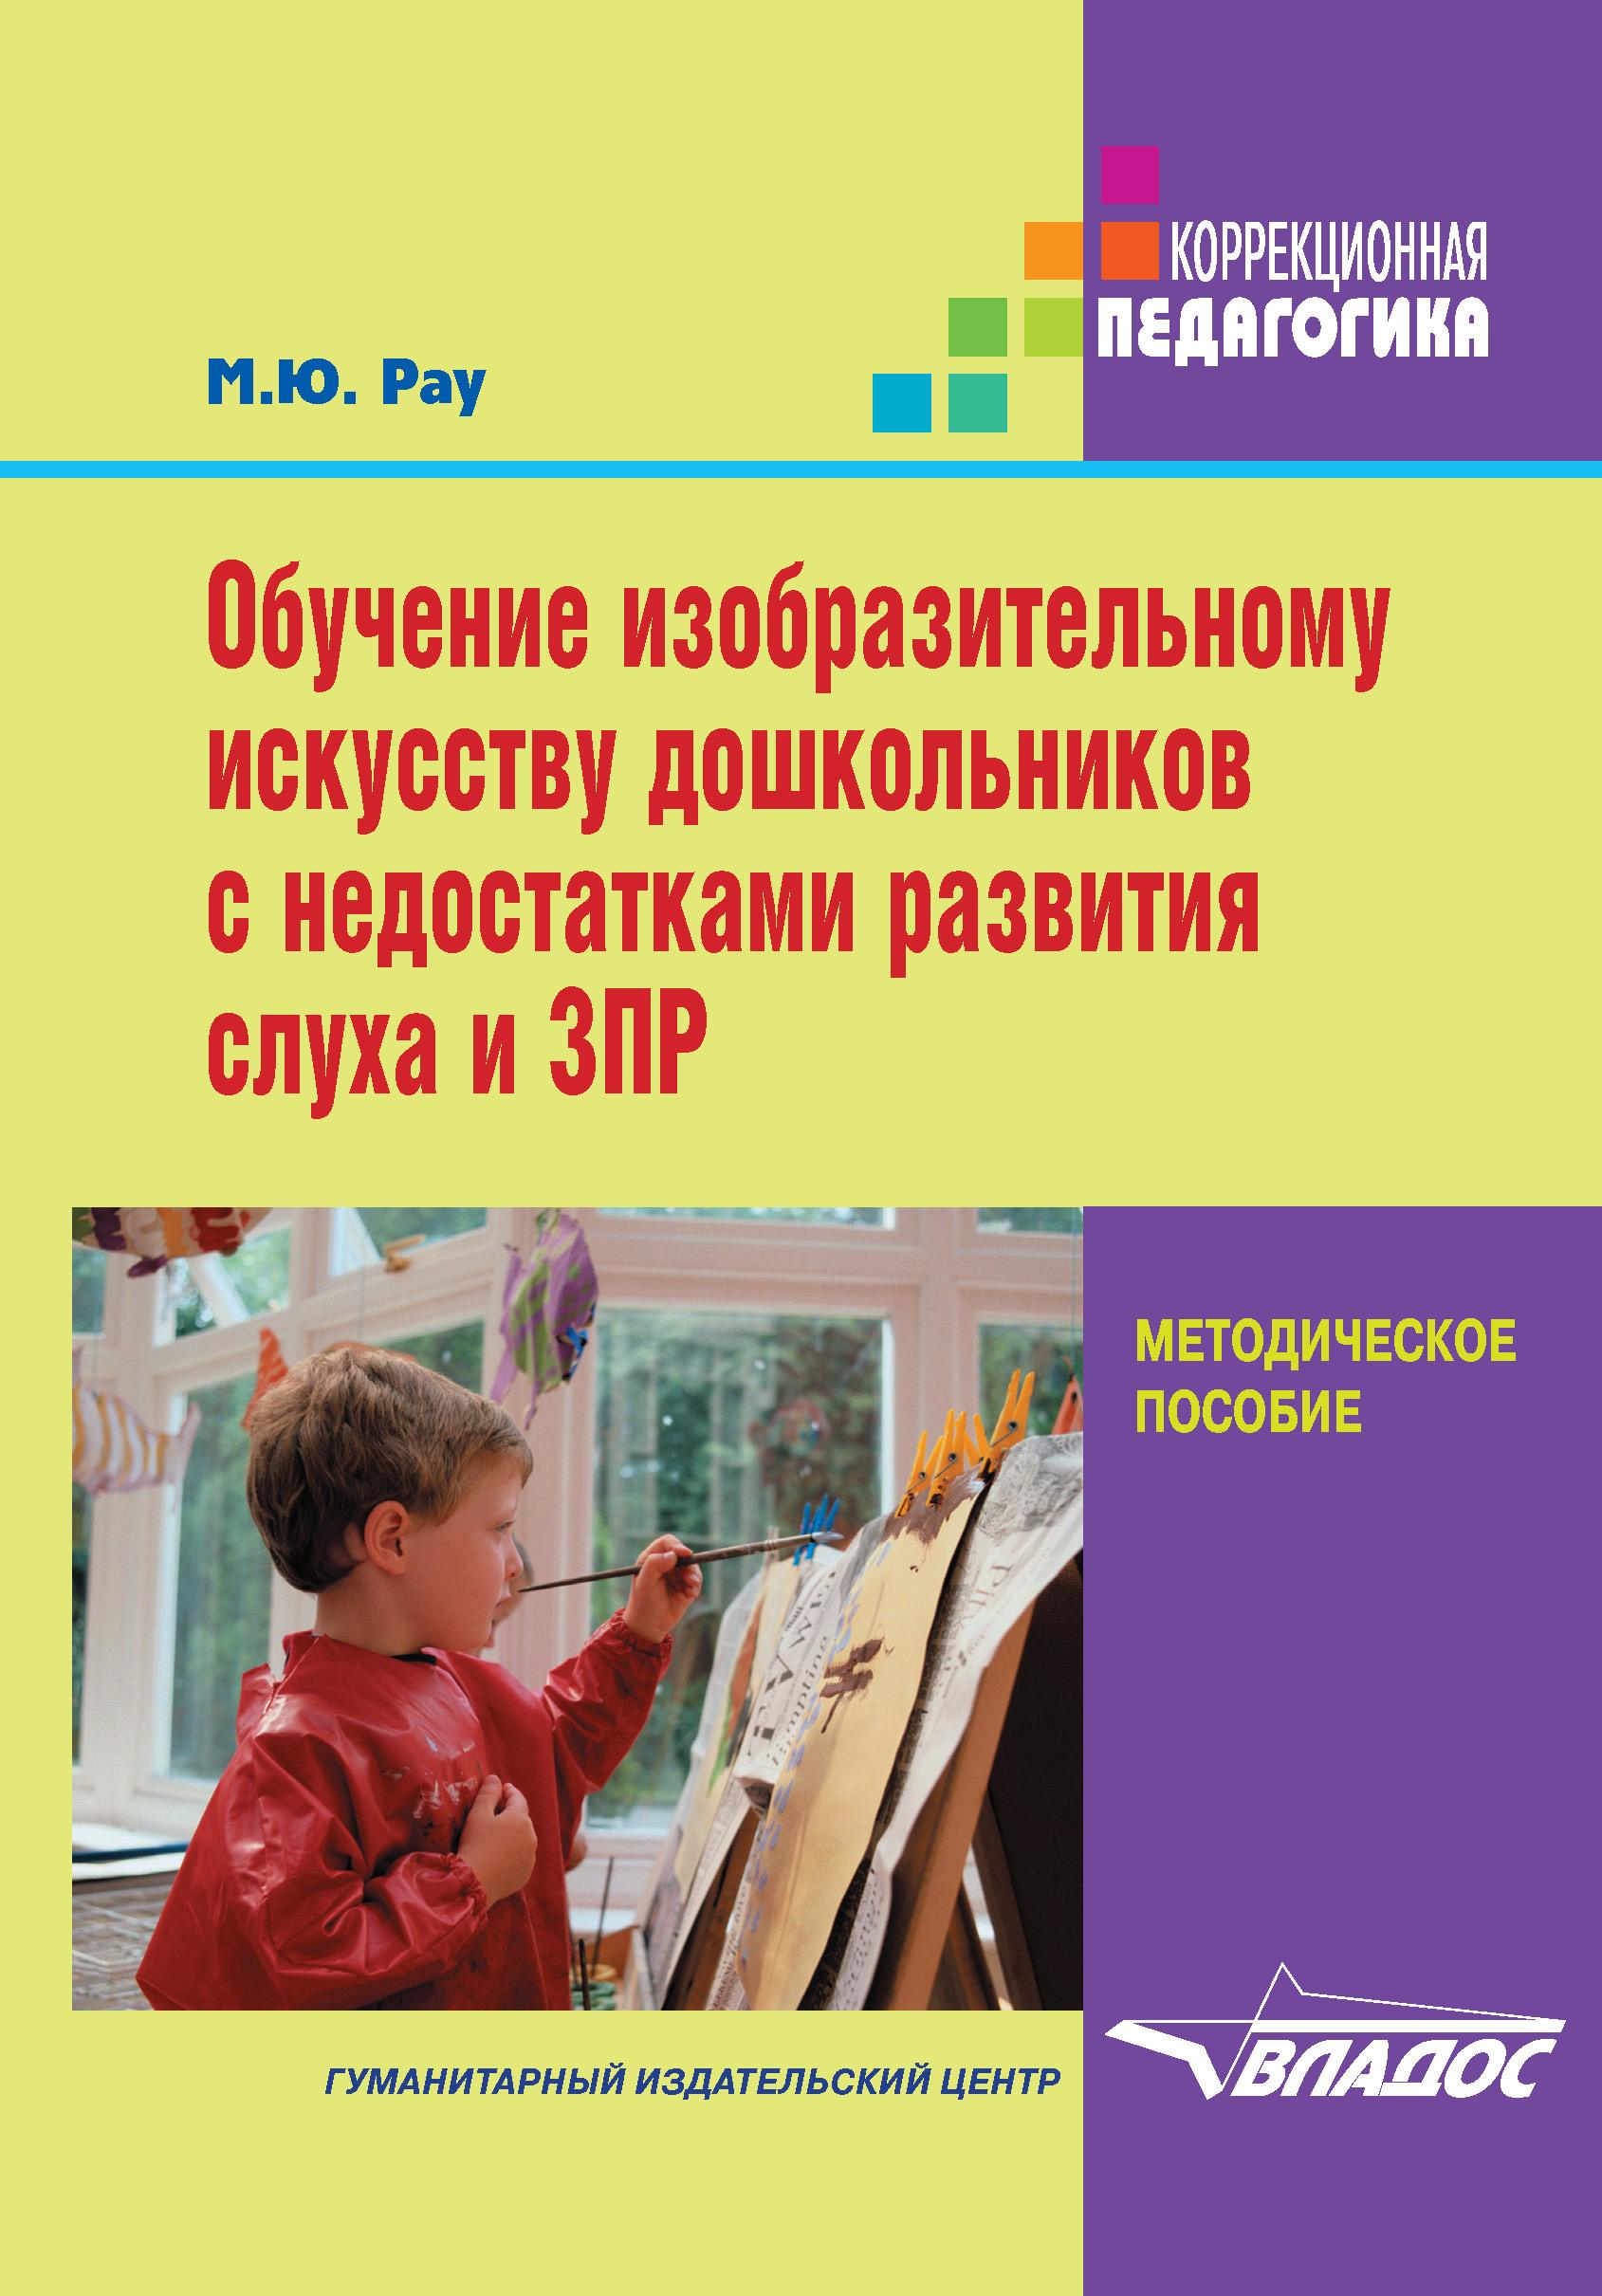 М. Ю. Рау Обучение изобразительному искусству дошкольников с недостатками развития слуха и ЗПР тарифный план